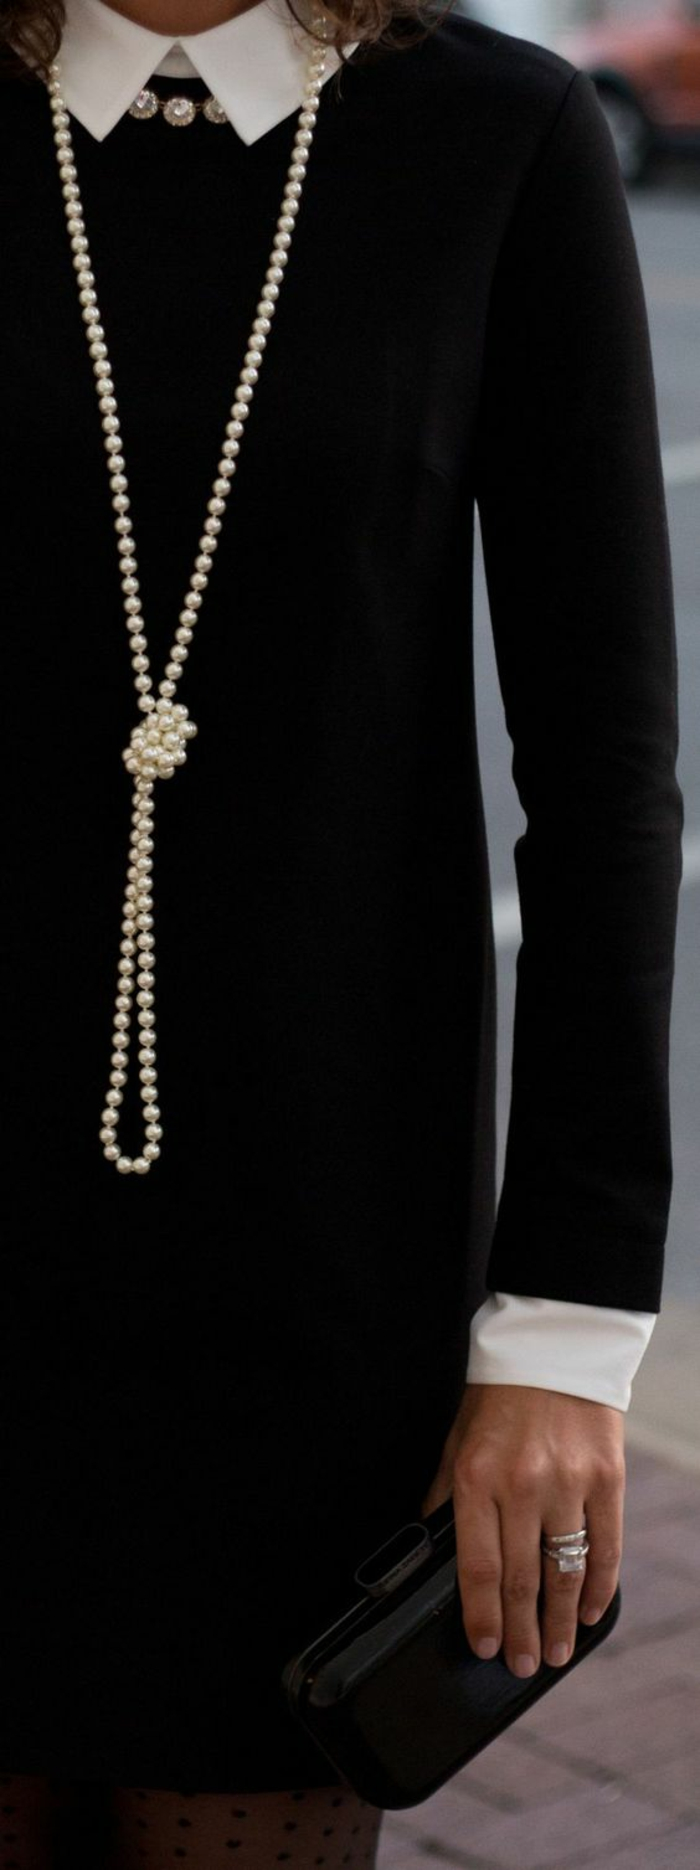 collier perle sur pull femme